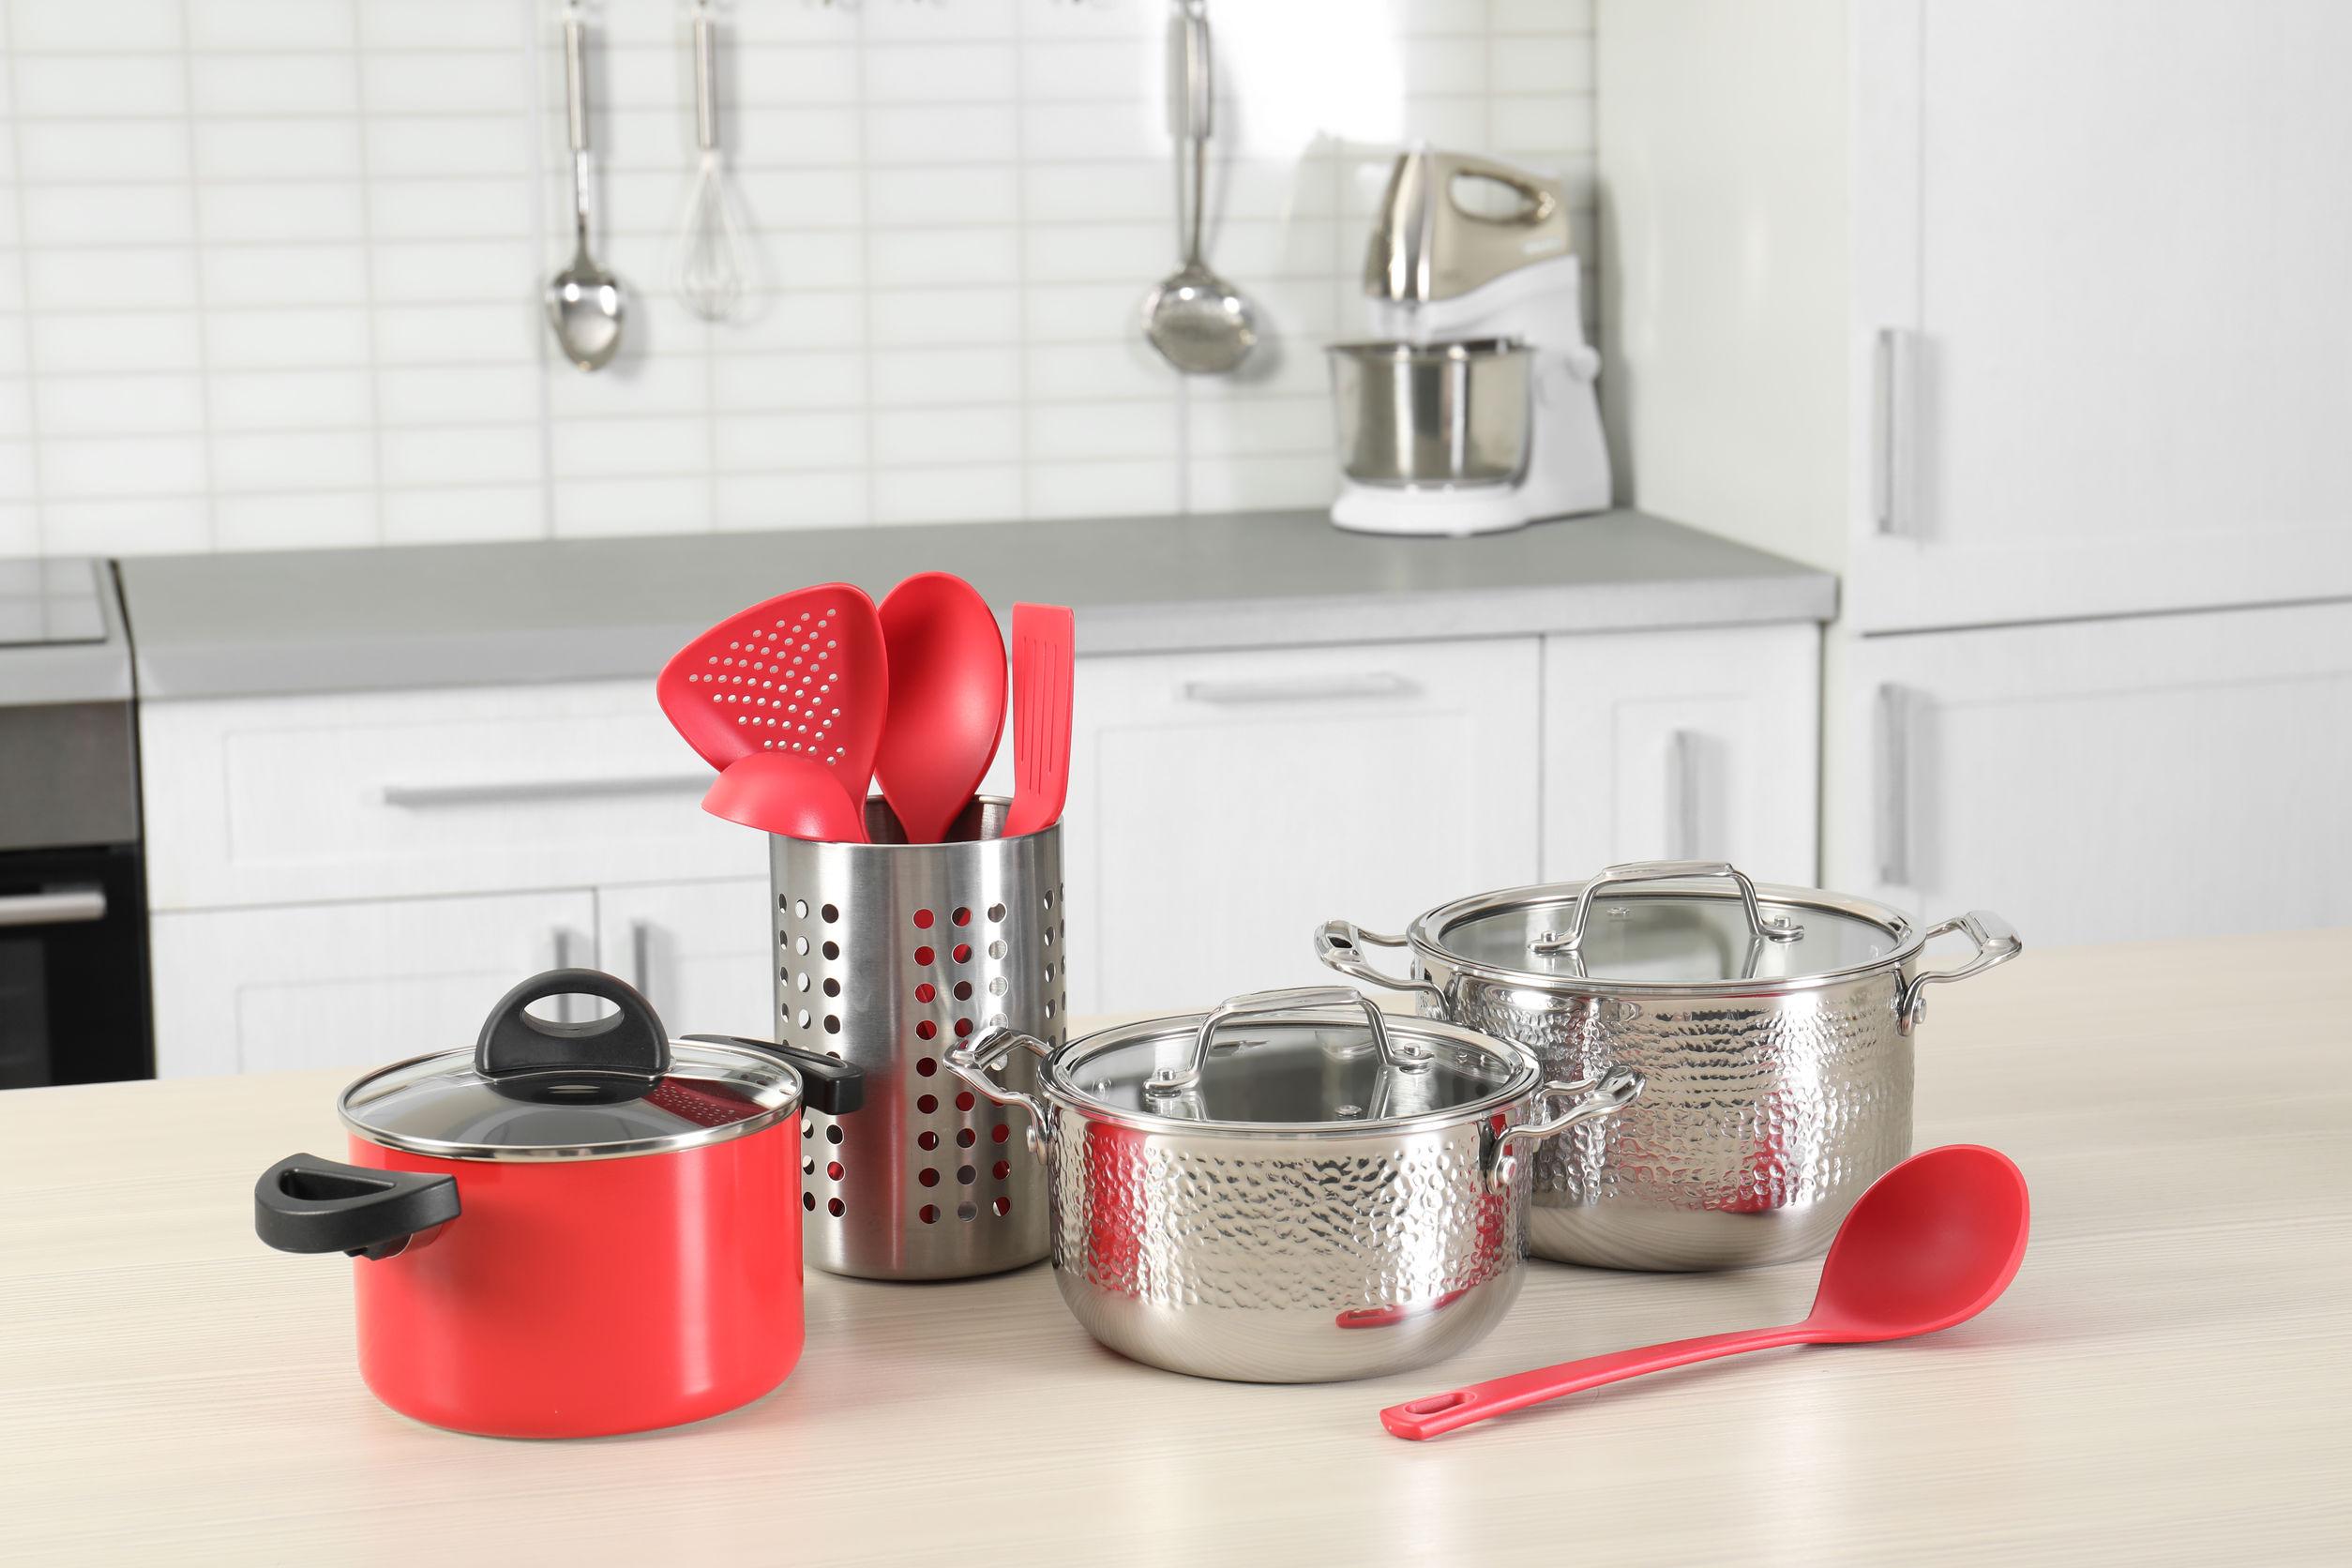 Conjunto de utensilios de cocina limpios y utensilios de mesa en la cocina